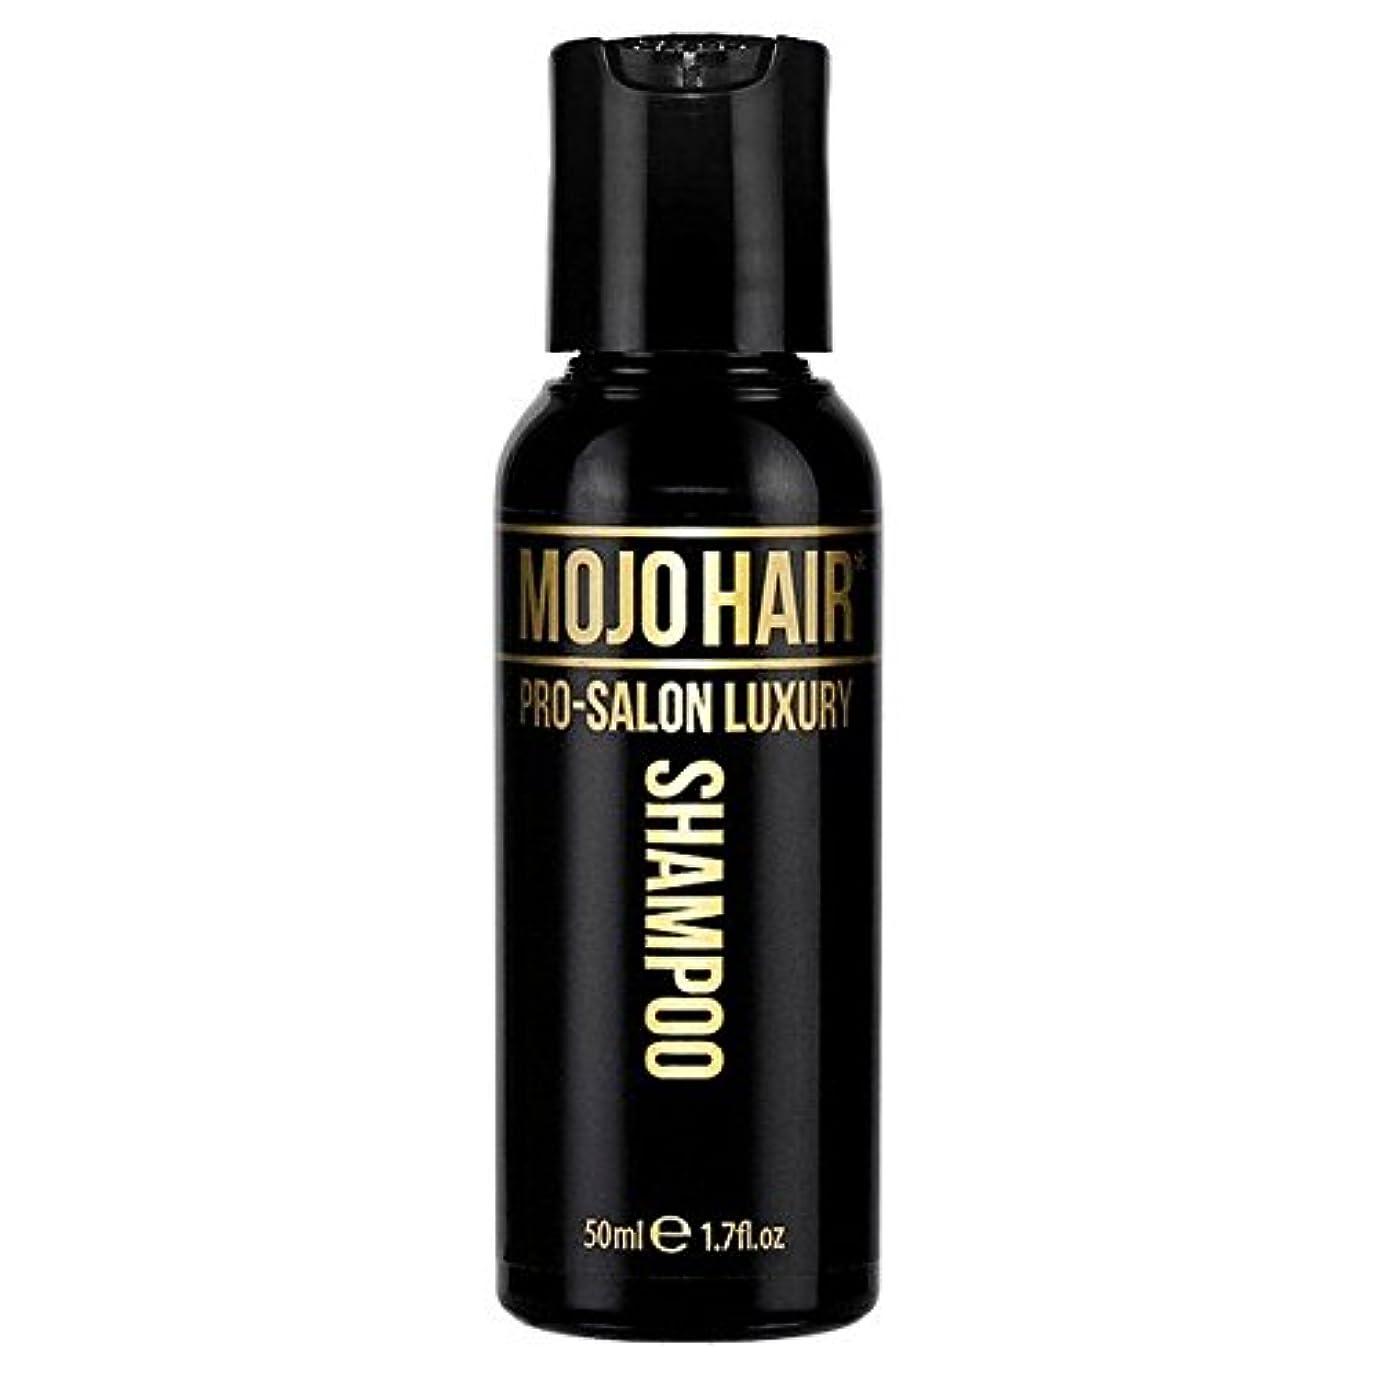 フォージ増加する剣MOJO HAIR Pro-Salon Luxury Fragrance Shampoo for Men, Travel Size 50ml (Pack of 6) - 男性のためのモジョの毛プロのサロンの贅沢な香りのシャンプー、トラベルサイズの50ミリリットル x6 [並行輸入品]